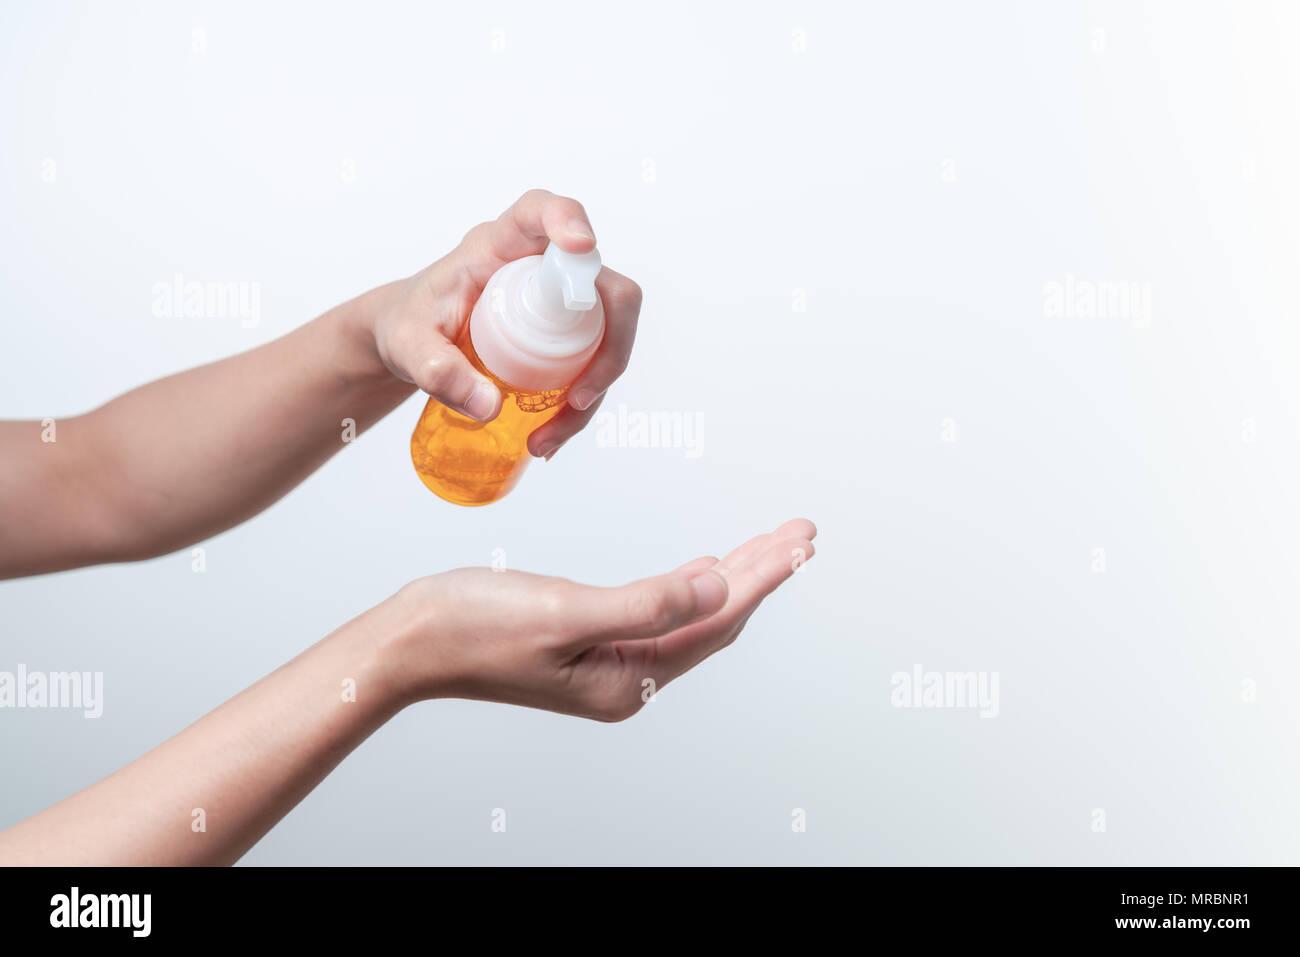 Lavage nettoyage essence, soins de la peau. femmes mains tenant une bouteille de nettoyage ethnique, beauté et soins du corps concept Photo Stock